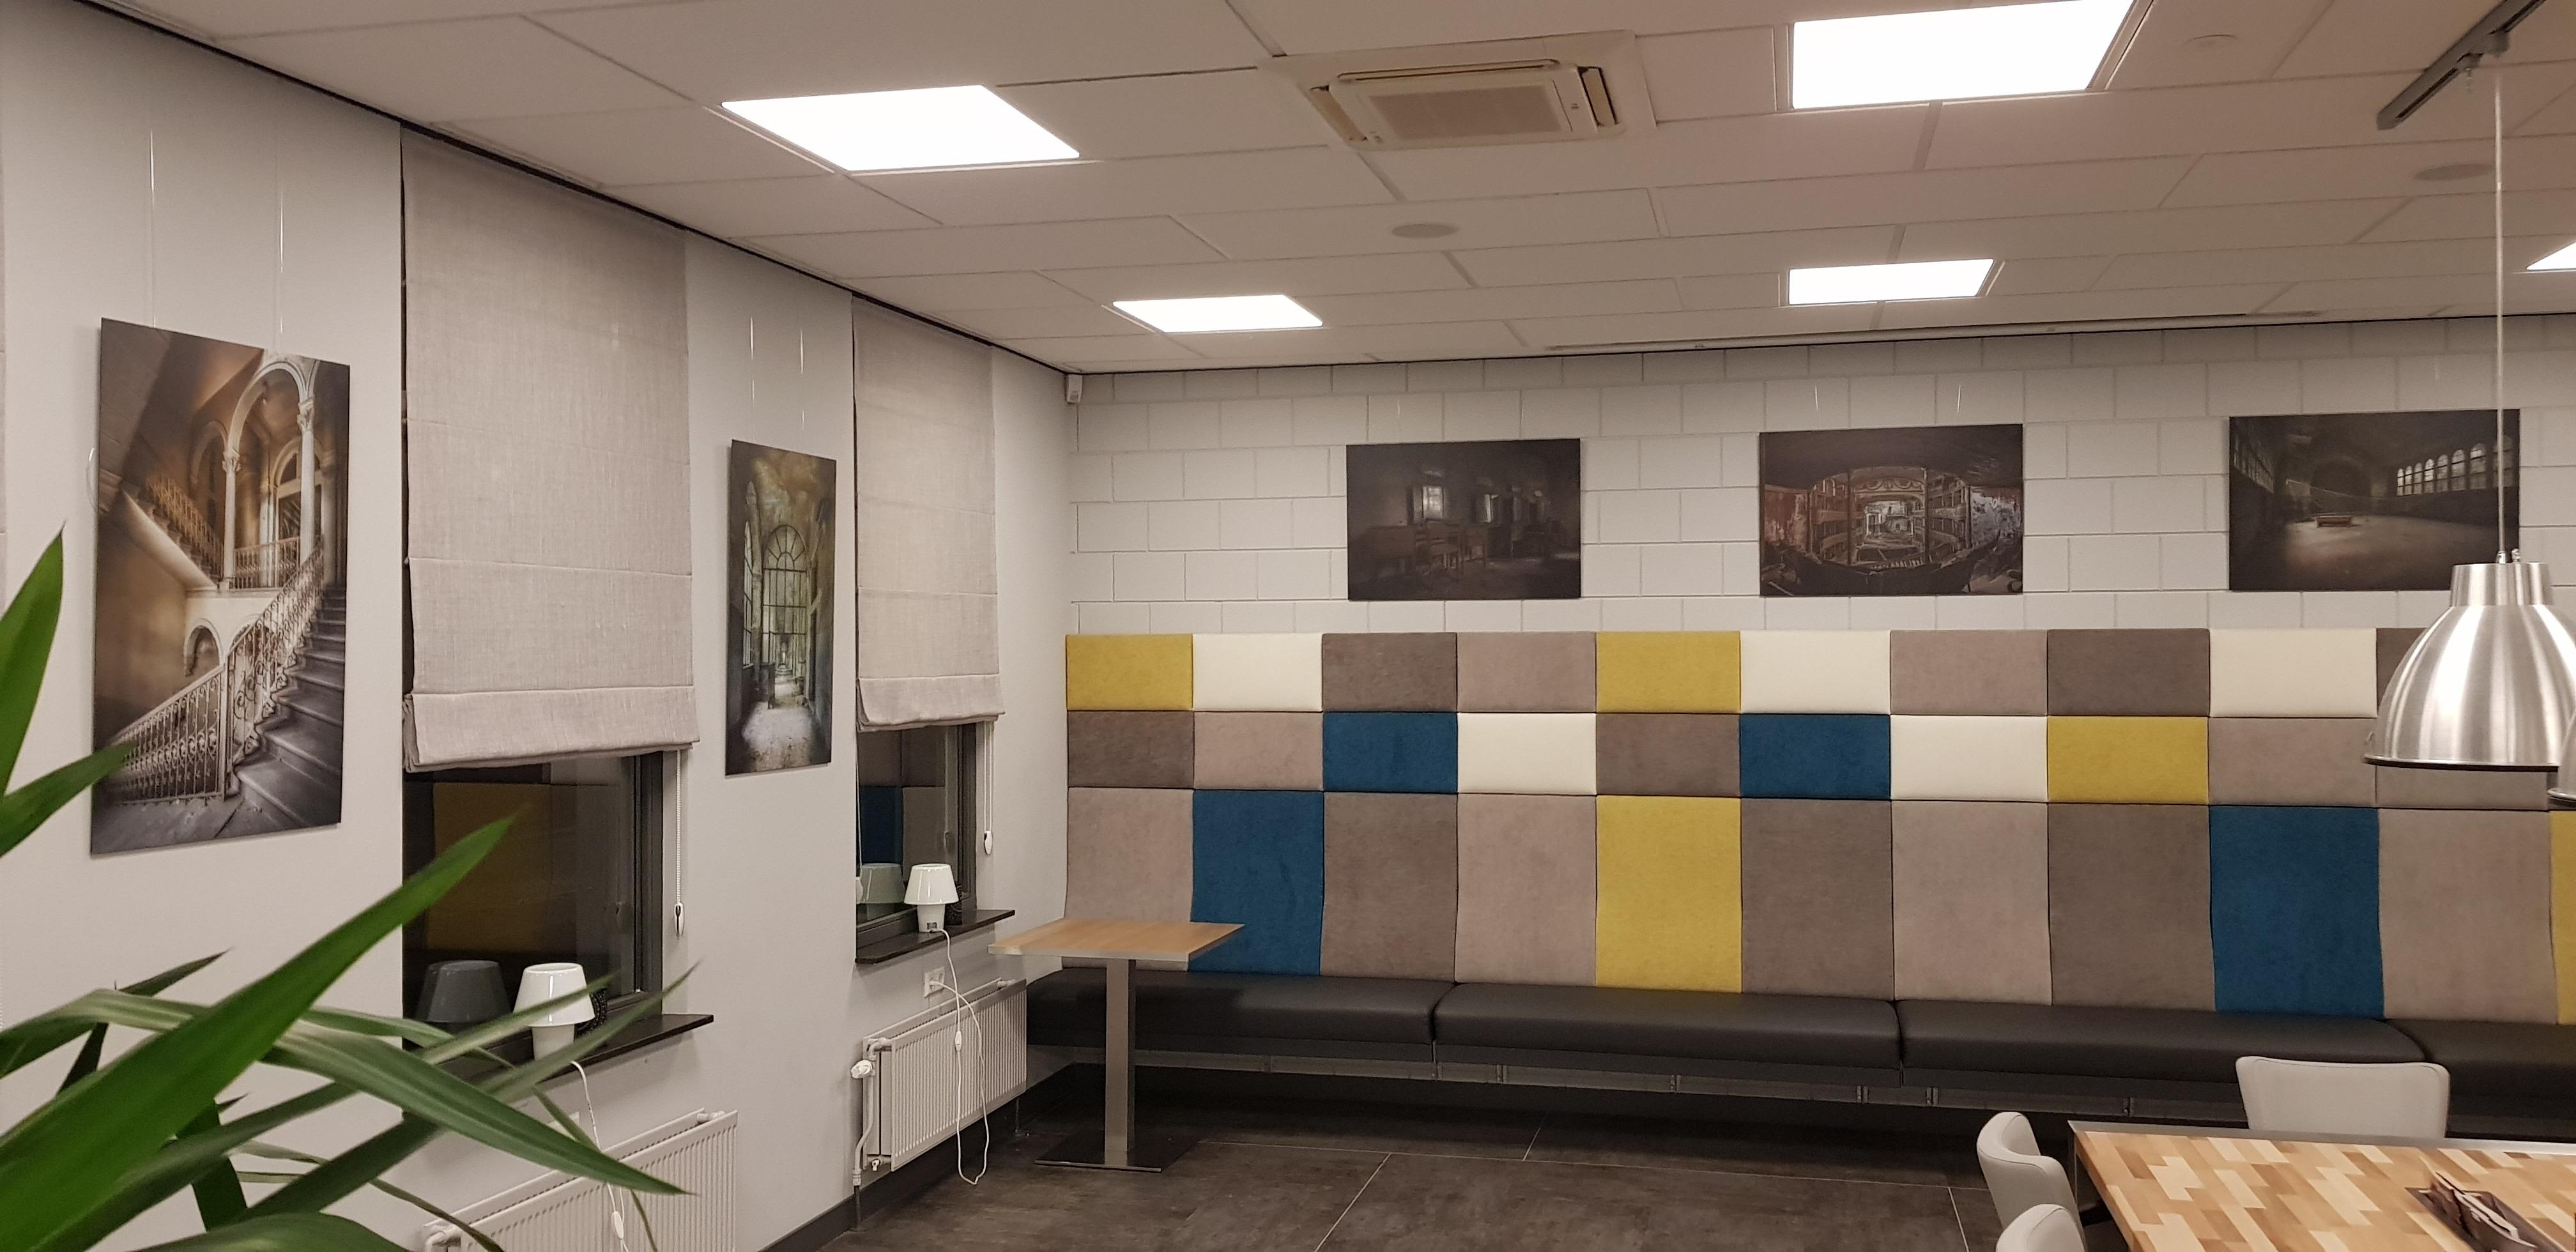 Urbex foto-expositie in Het Kwartier